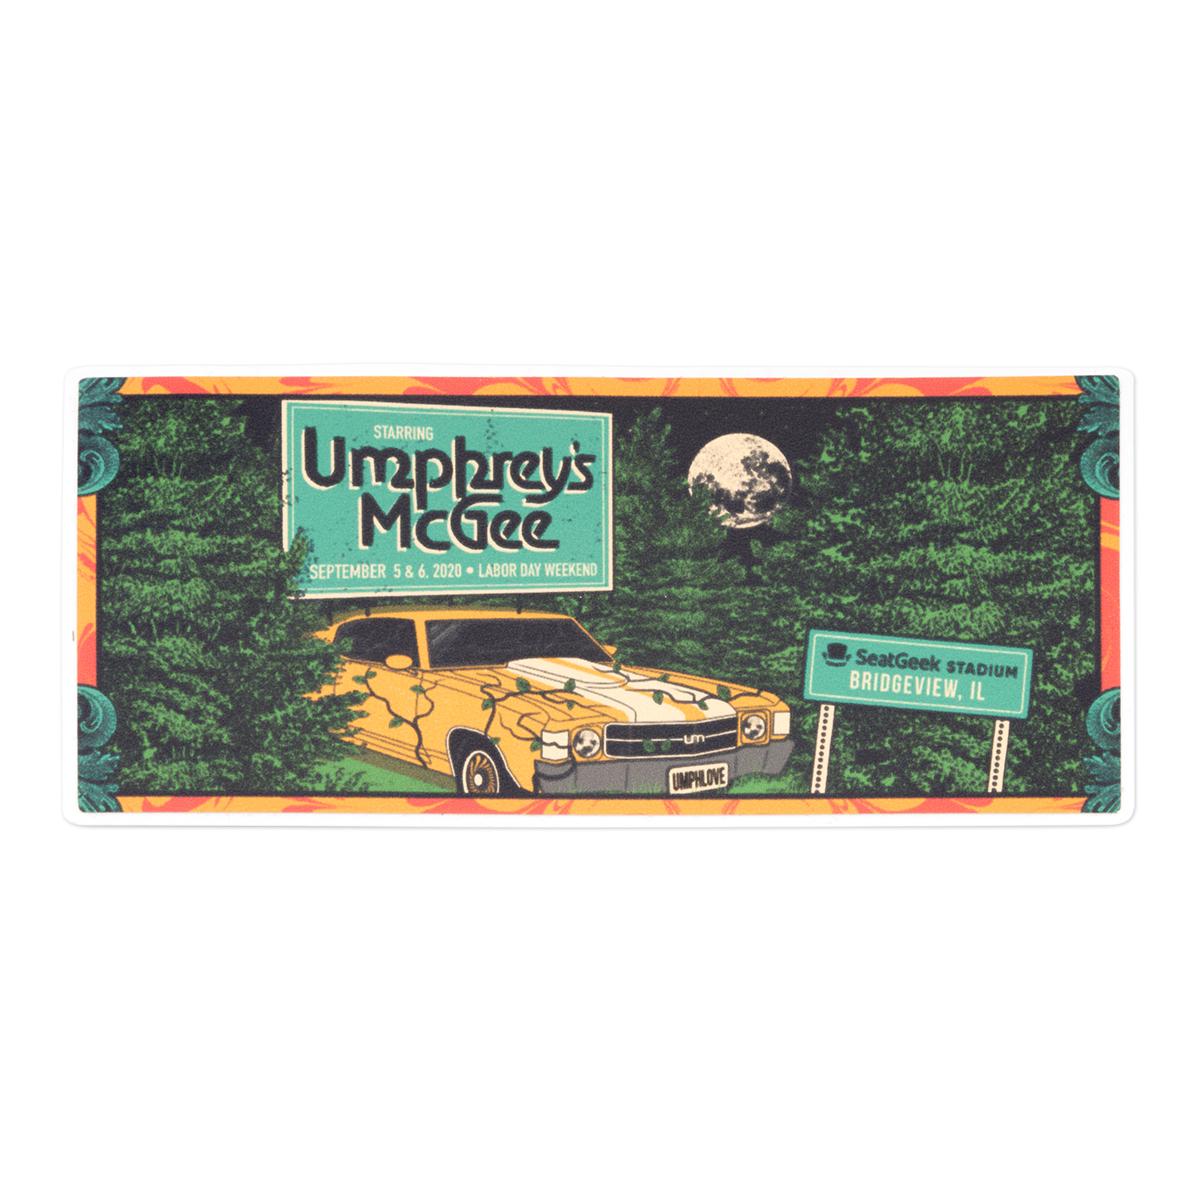 Commemorative Ticket Sticker